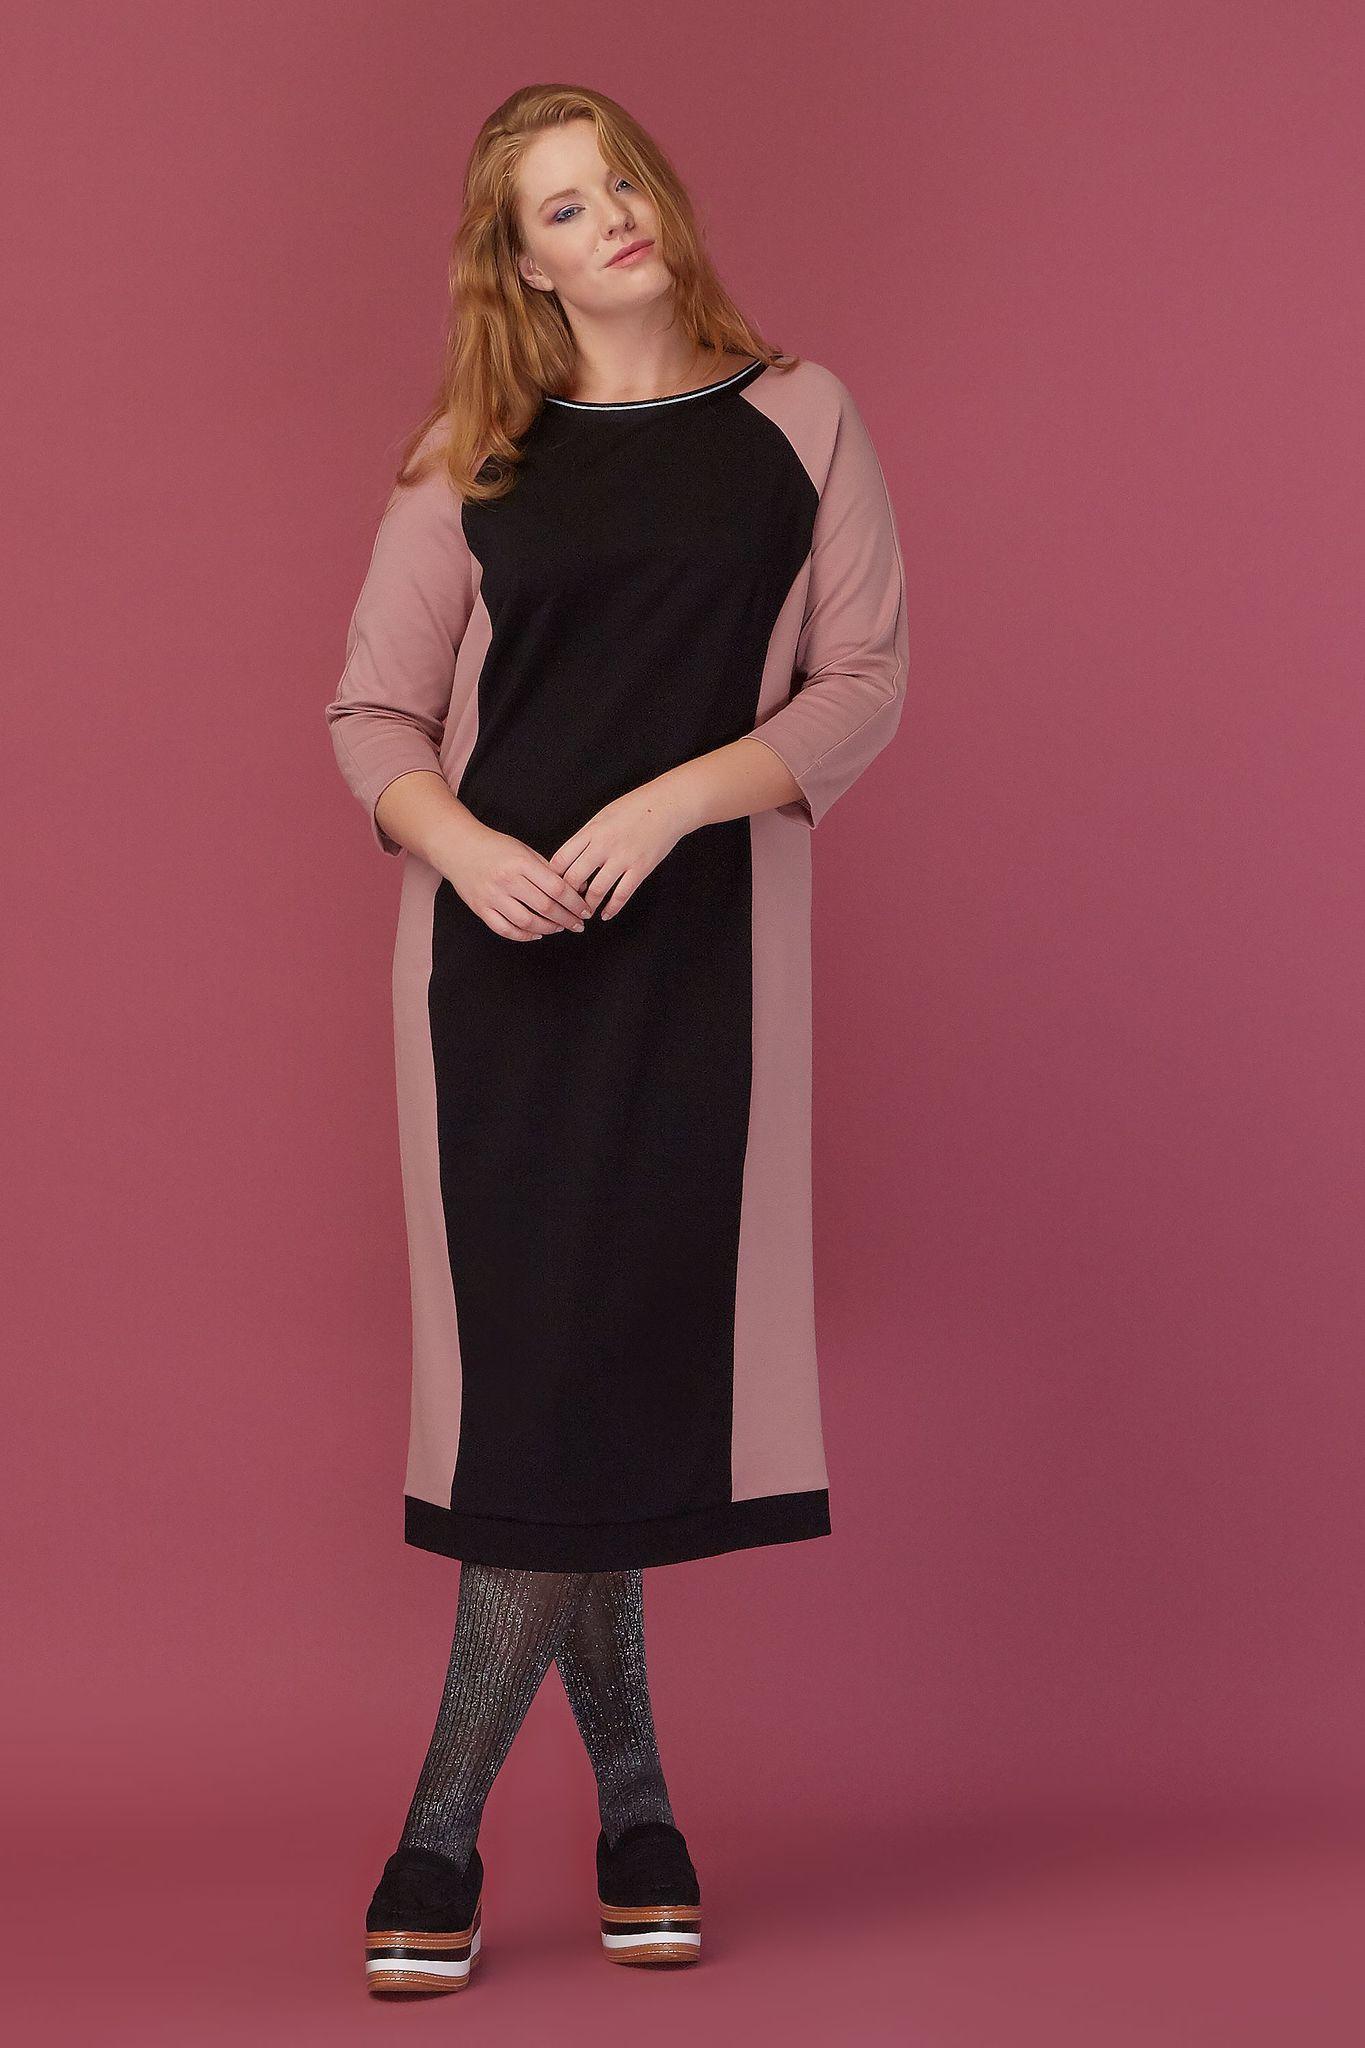 Платье колорблок LE-08 D03 01/12Сейчас покупают<br>Кеды или каблук? Создавая это платье мы так и не смогли определиться, с чем же его лучше носить. Не смогли потому, что оно идеально с любой обувью. И с любыми аксессуарами. Оно в принципе идеально. Геометрические полоски делают платье строгим и, отчасти, деловым. Однако выбранная цветовая гамма позволяет относить его в стилю casual, и надевать его как на романтический променад или дружеские посиделки, так и на важные переговоры. Длина на ладонь ниже колена. Рост модели на фото 179 см, размер - 52 российский<br>